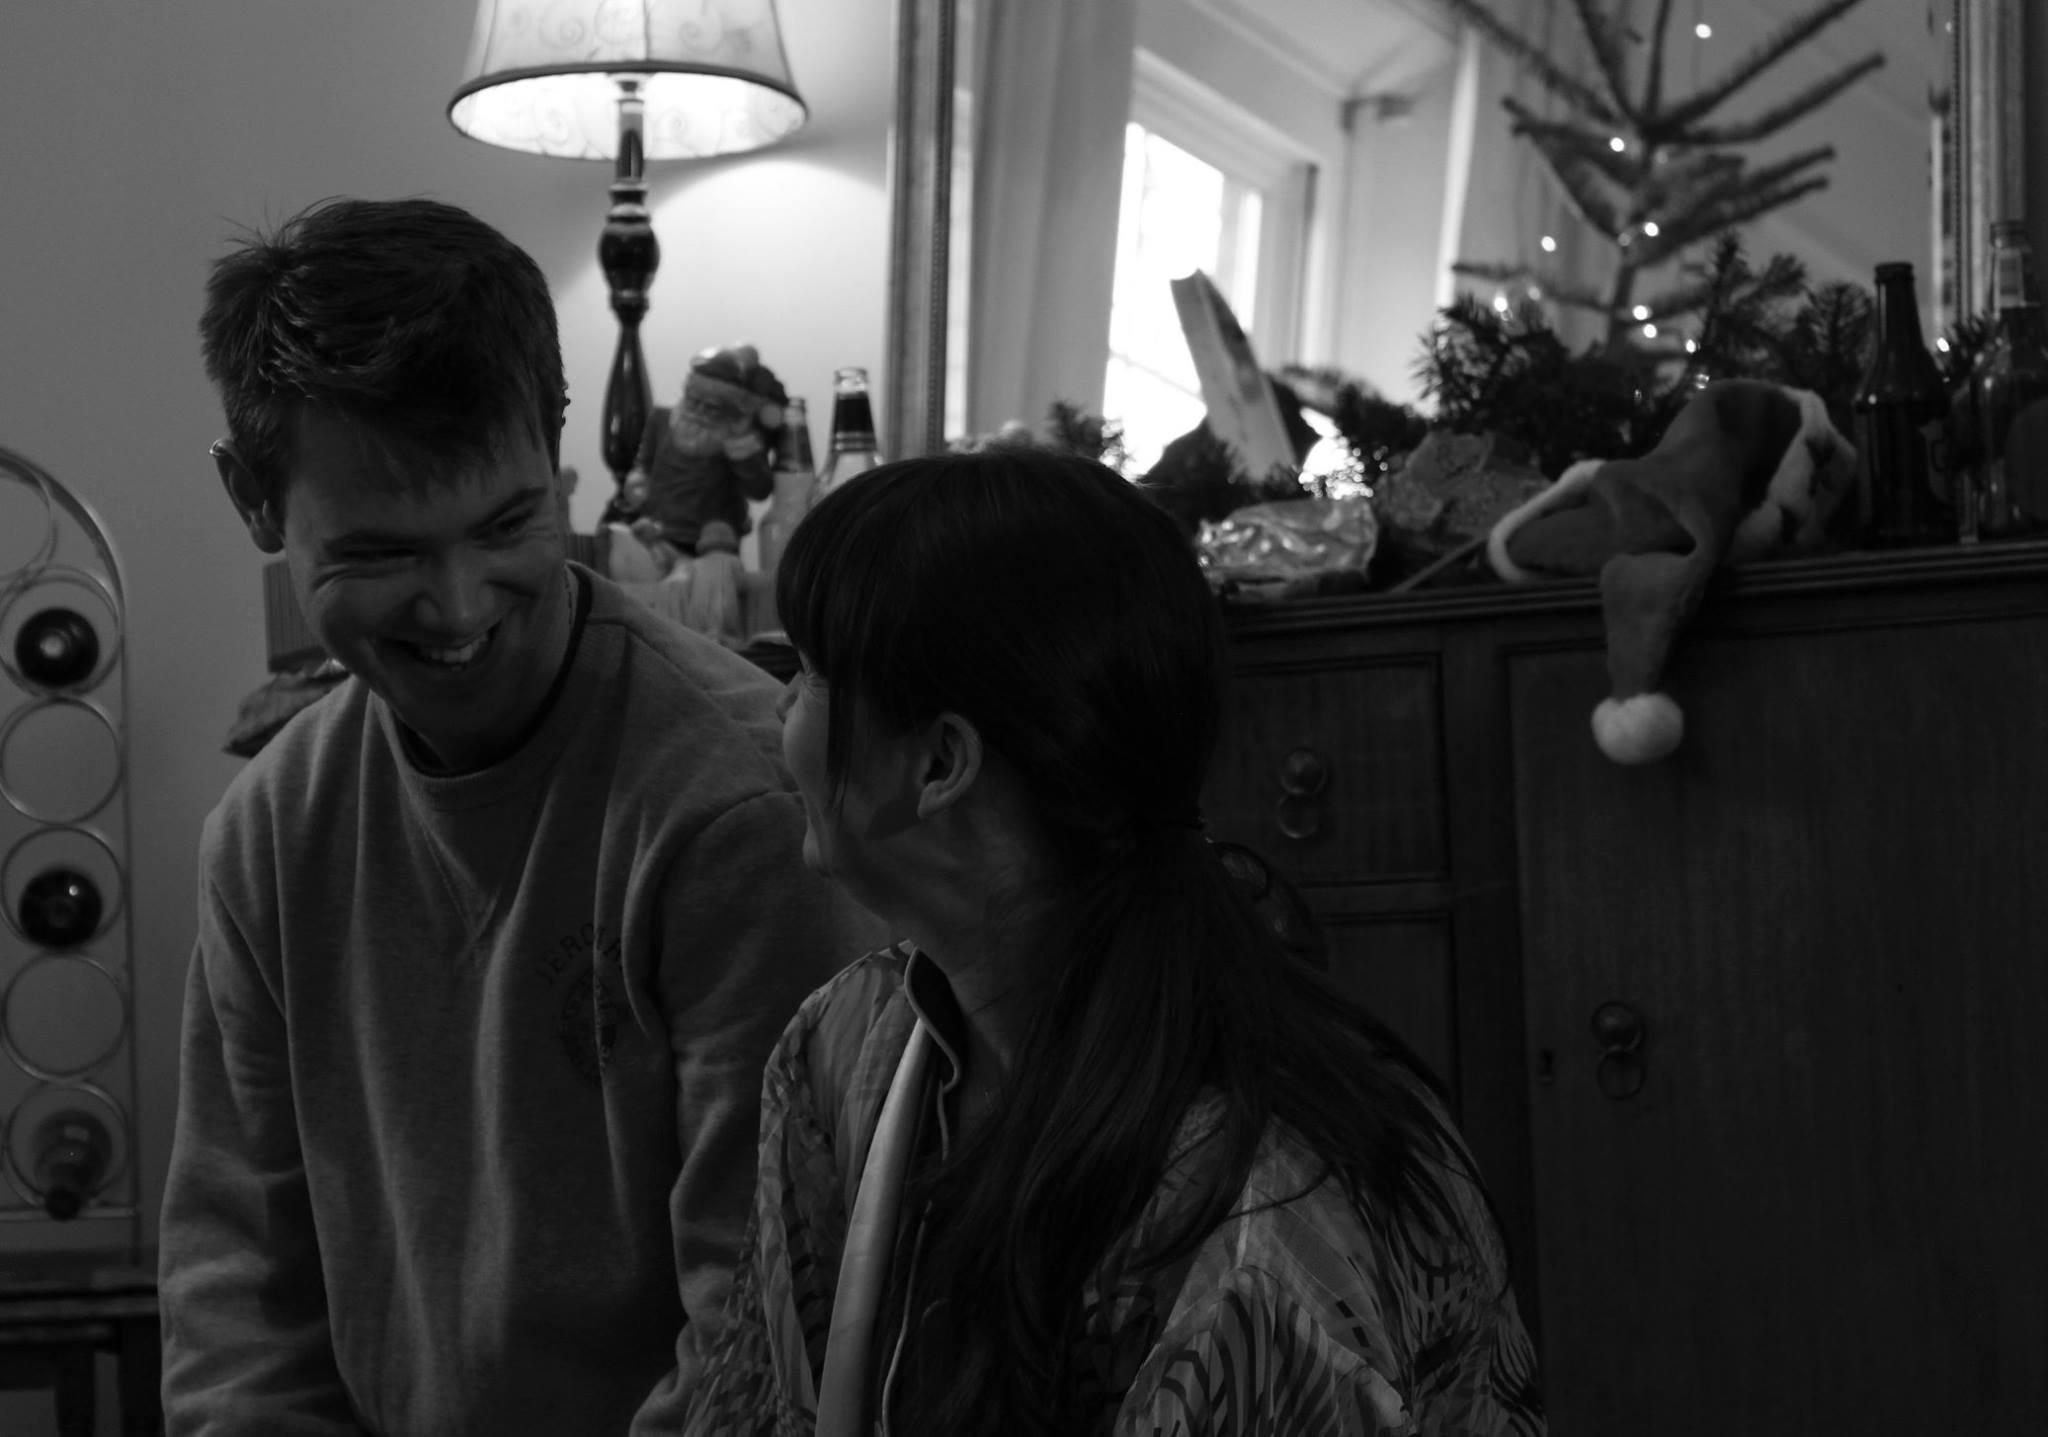 ON Set,Last days of Christmas